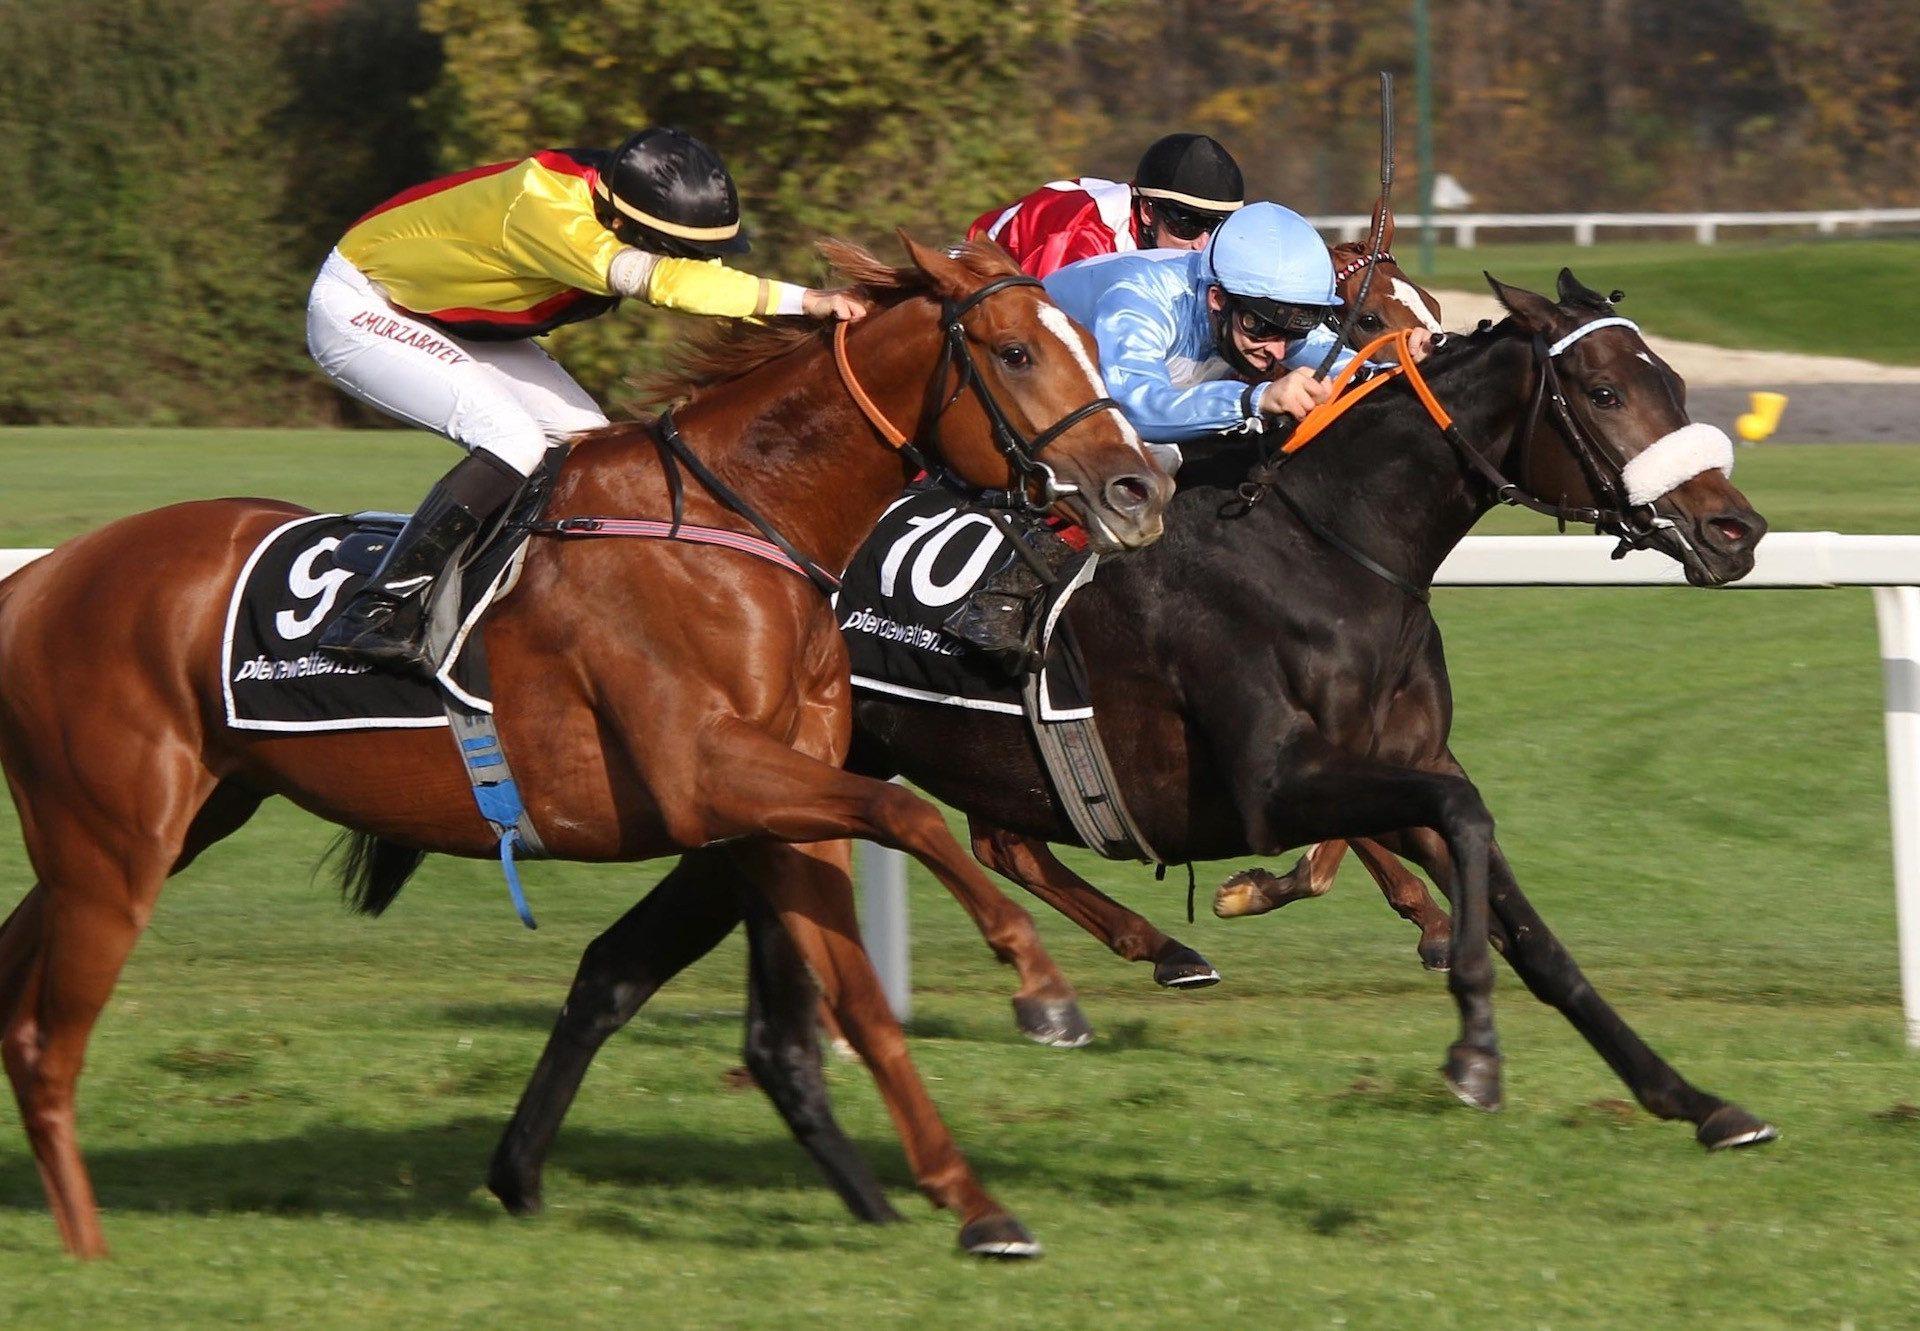 Sunny Queen (Camelot) Wins The Gr.1 Grosser Preis Von Bayern at Munich